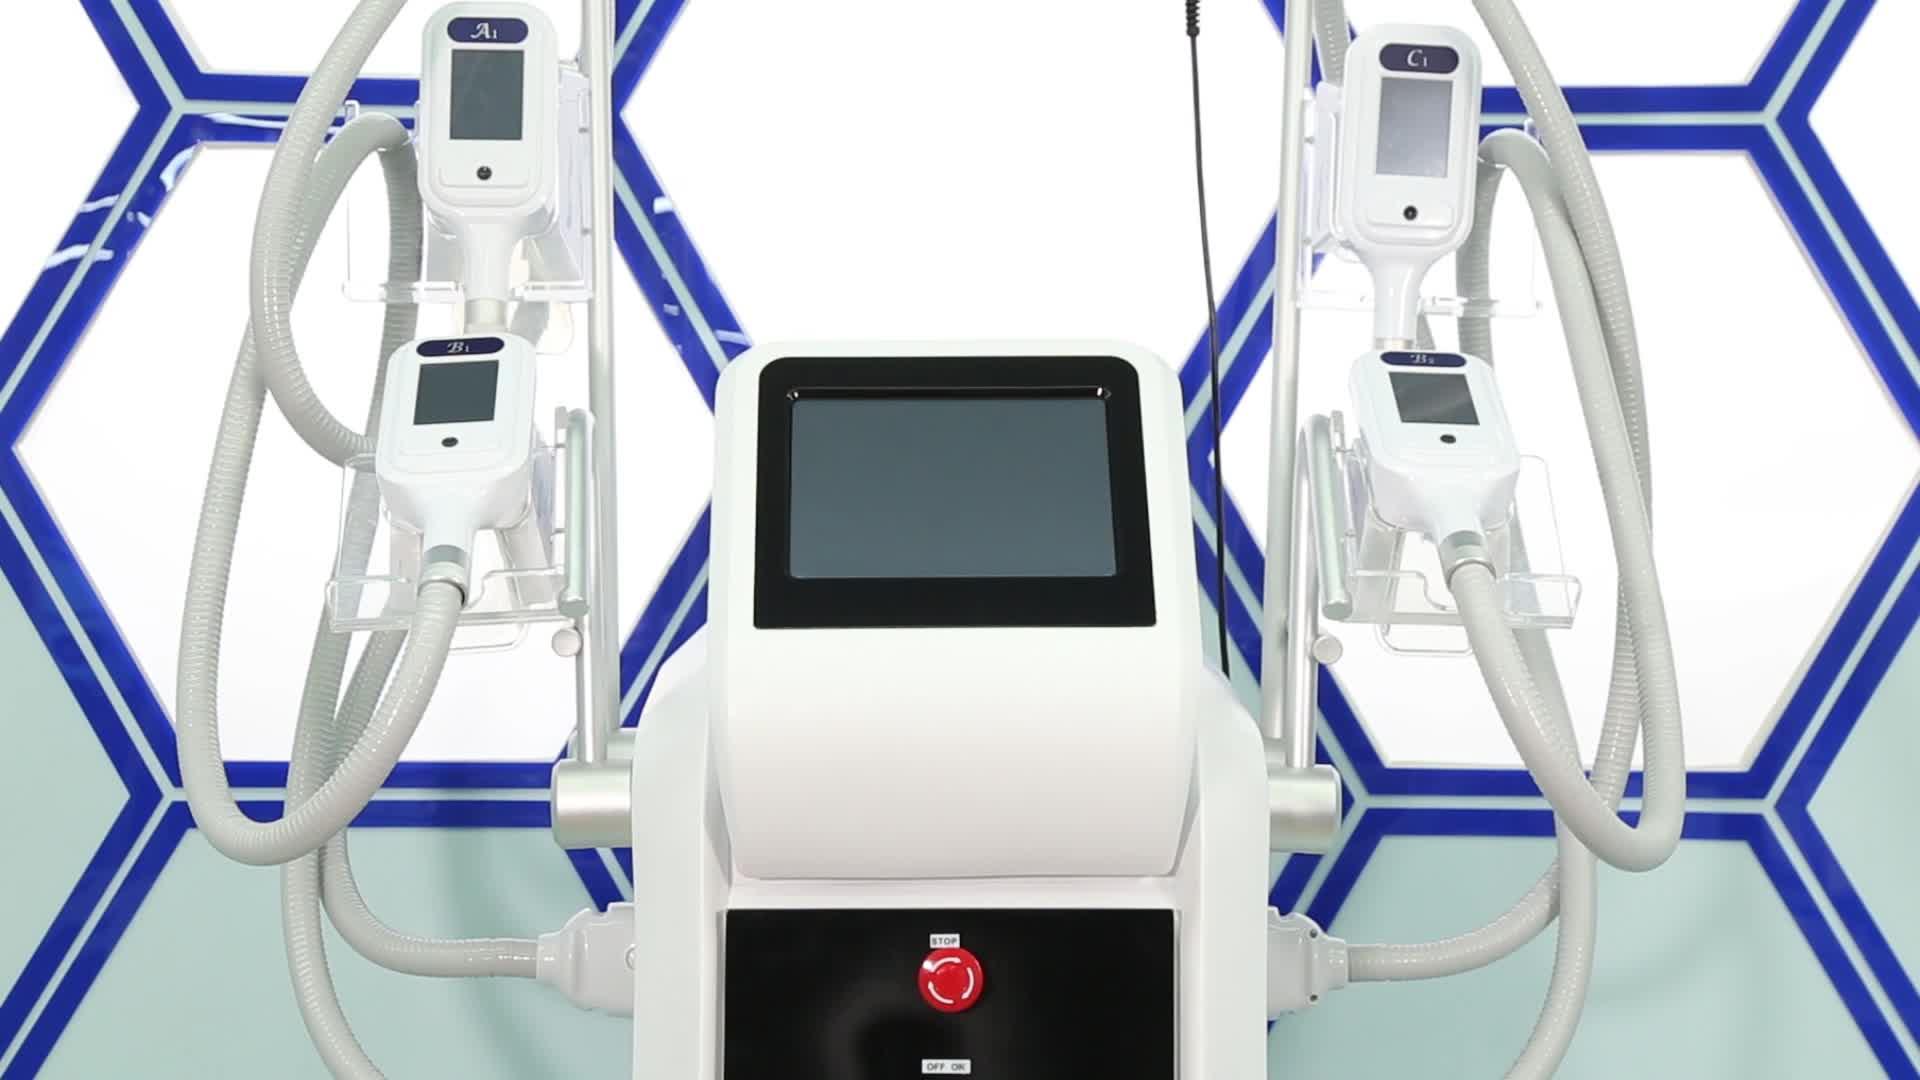 Mundo Melhor vendendo produtos NUBWAY 4 lida cryolipolysis congelamento de gordura máquina slimming do corpo envoltórios do corpo perda de peso criolipolysis